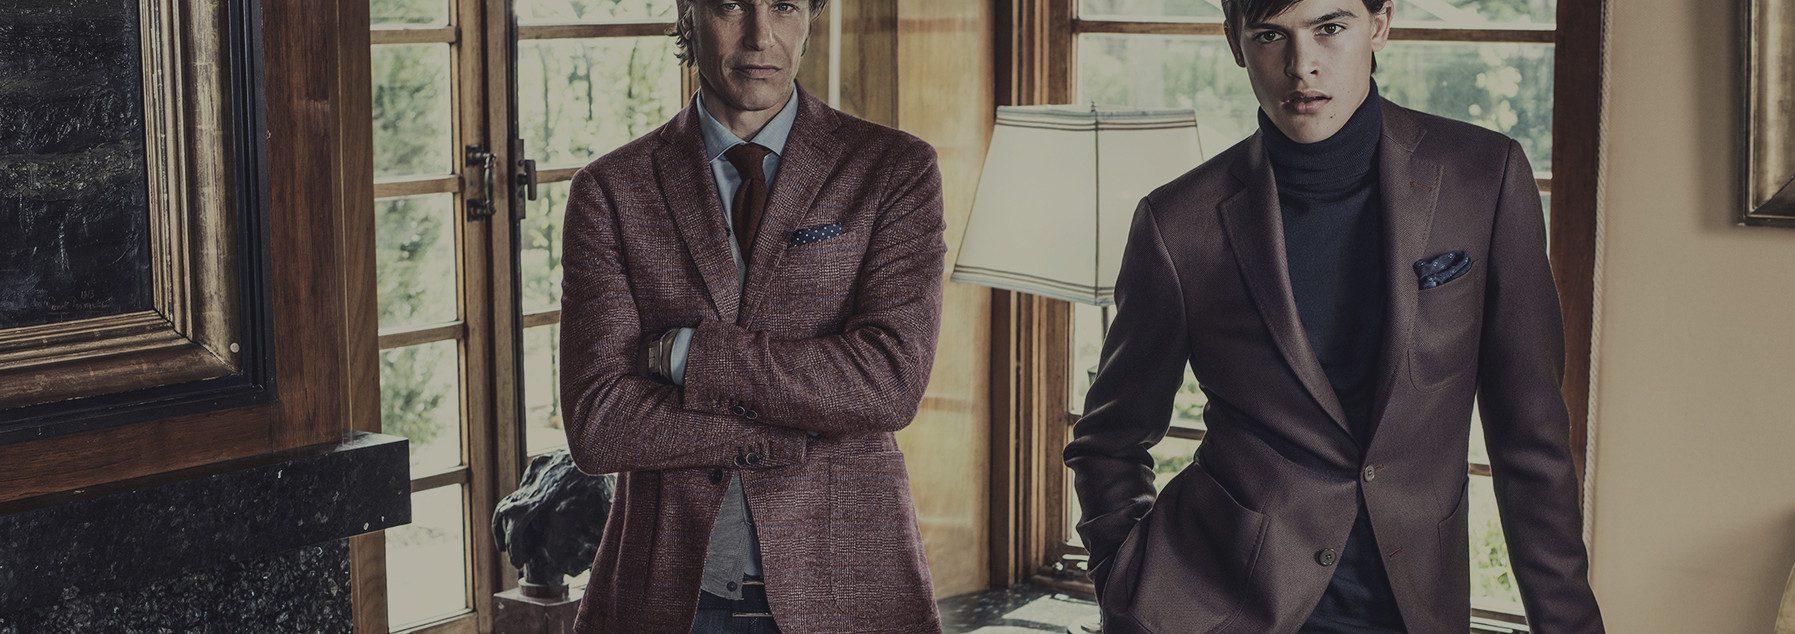 mens custom suits clothing sport coats dallas